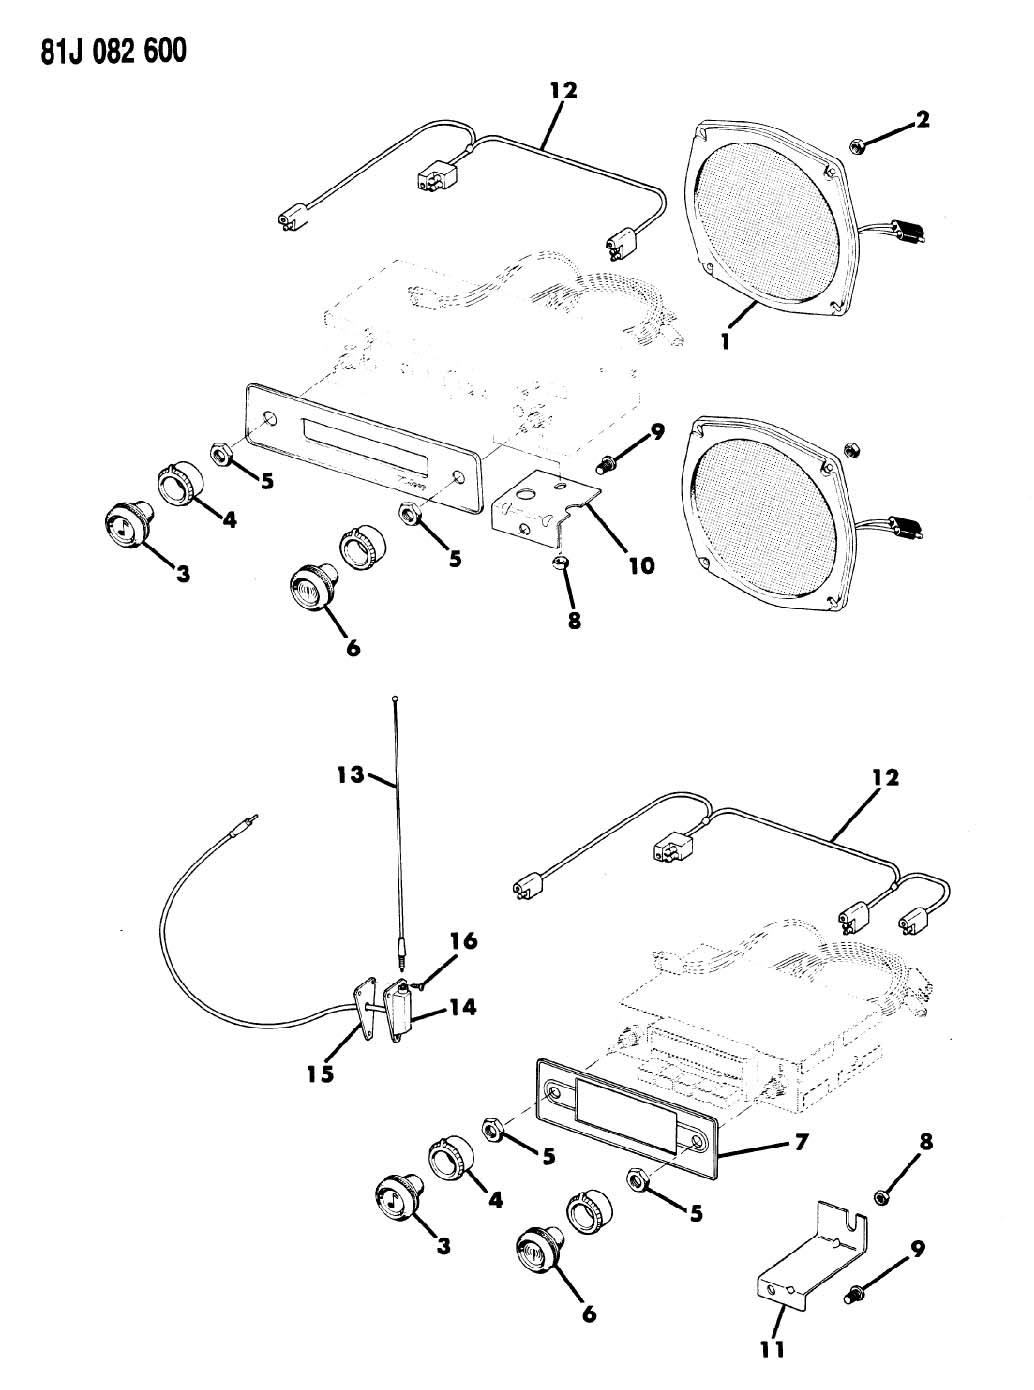 Jeep Jk Turn Signal Wiring Diagram / 3 Pin Turn Signal